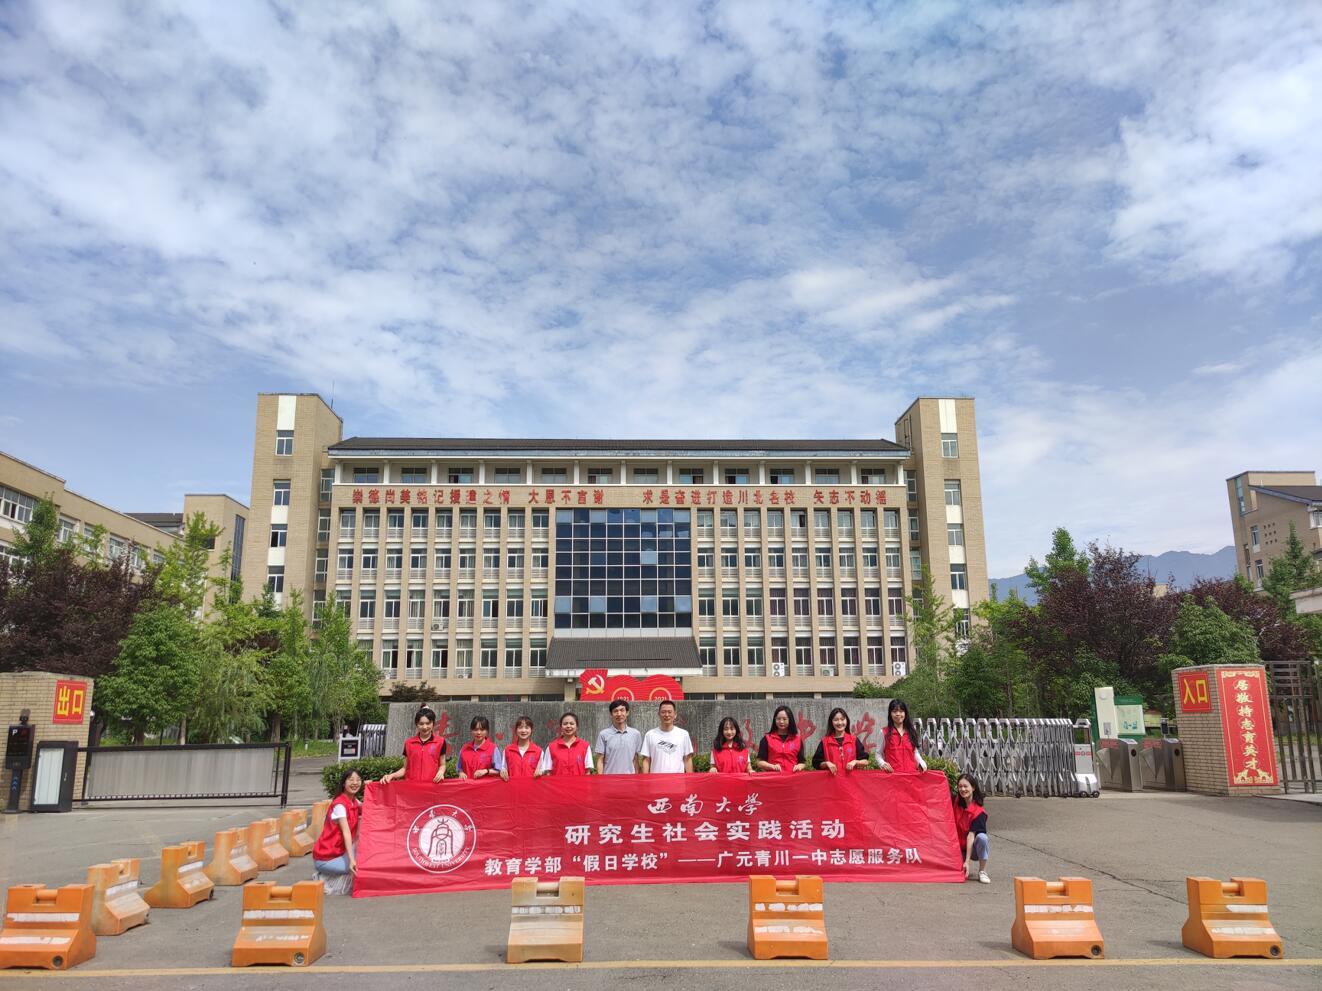 """西南(nan)大學教育(yu)學部(bu)""""假日學校""""——研究(jiu)生暑期社會實踐活動"""